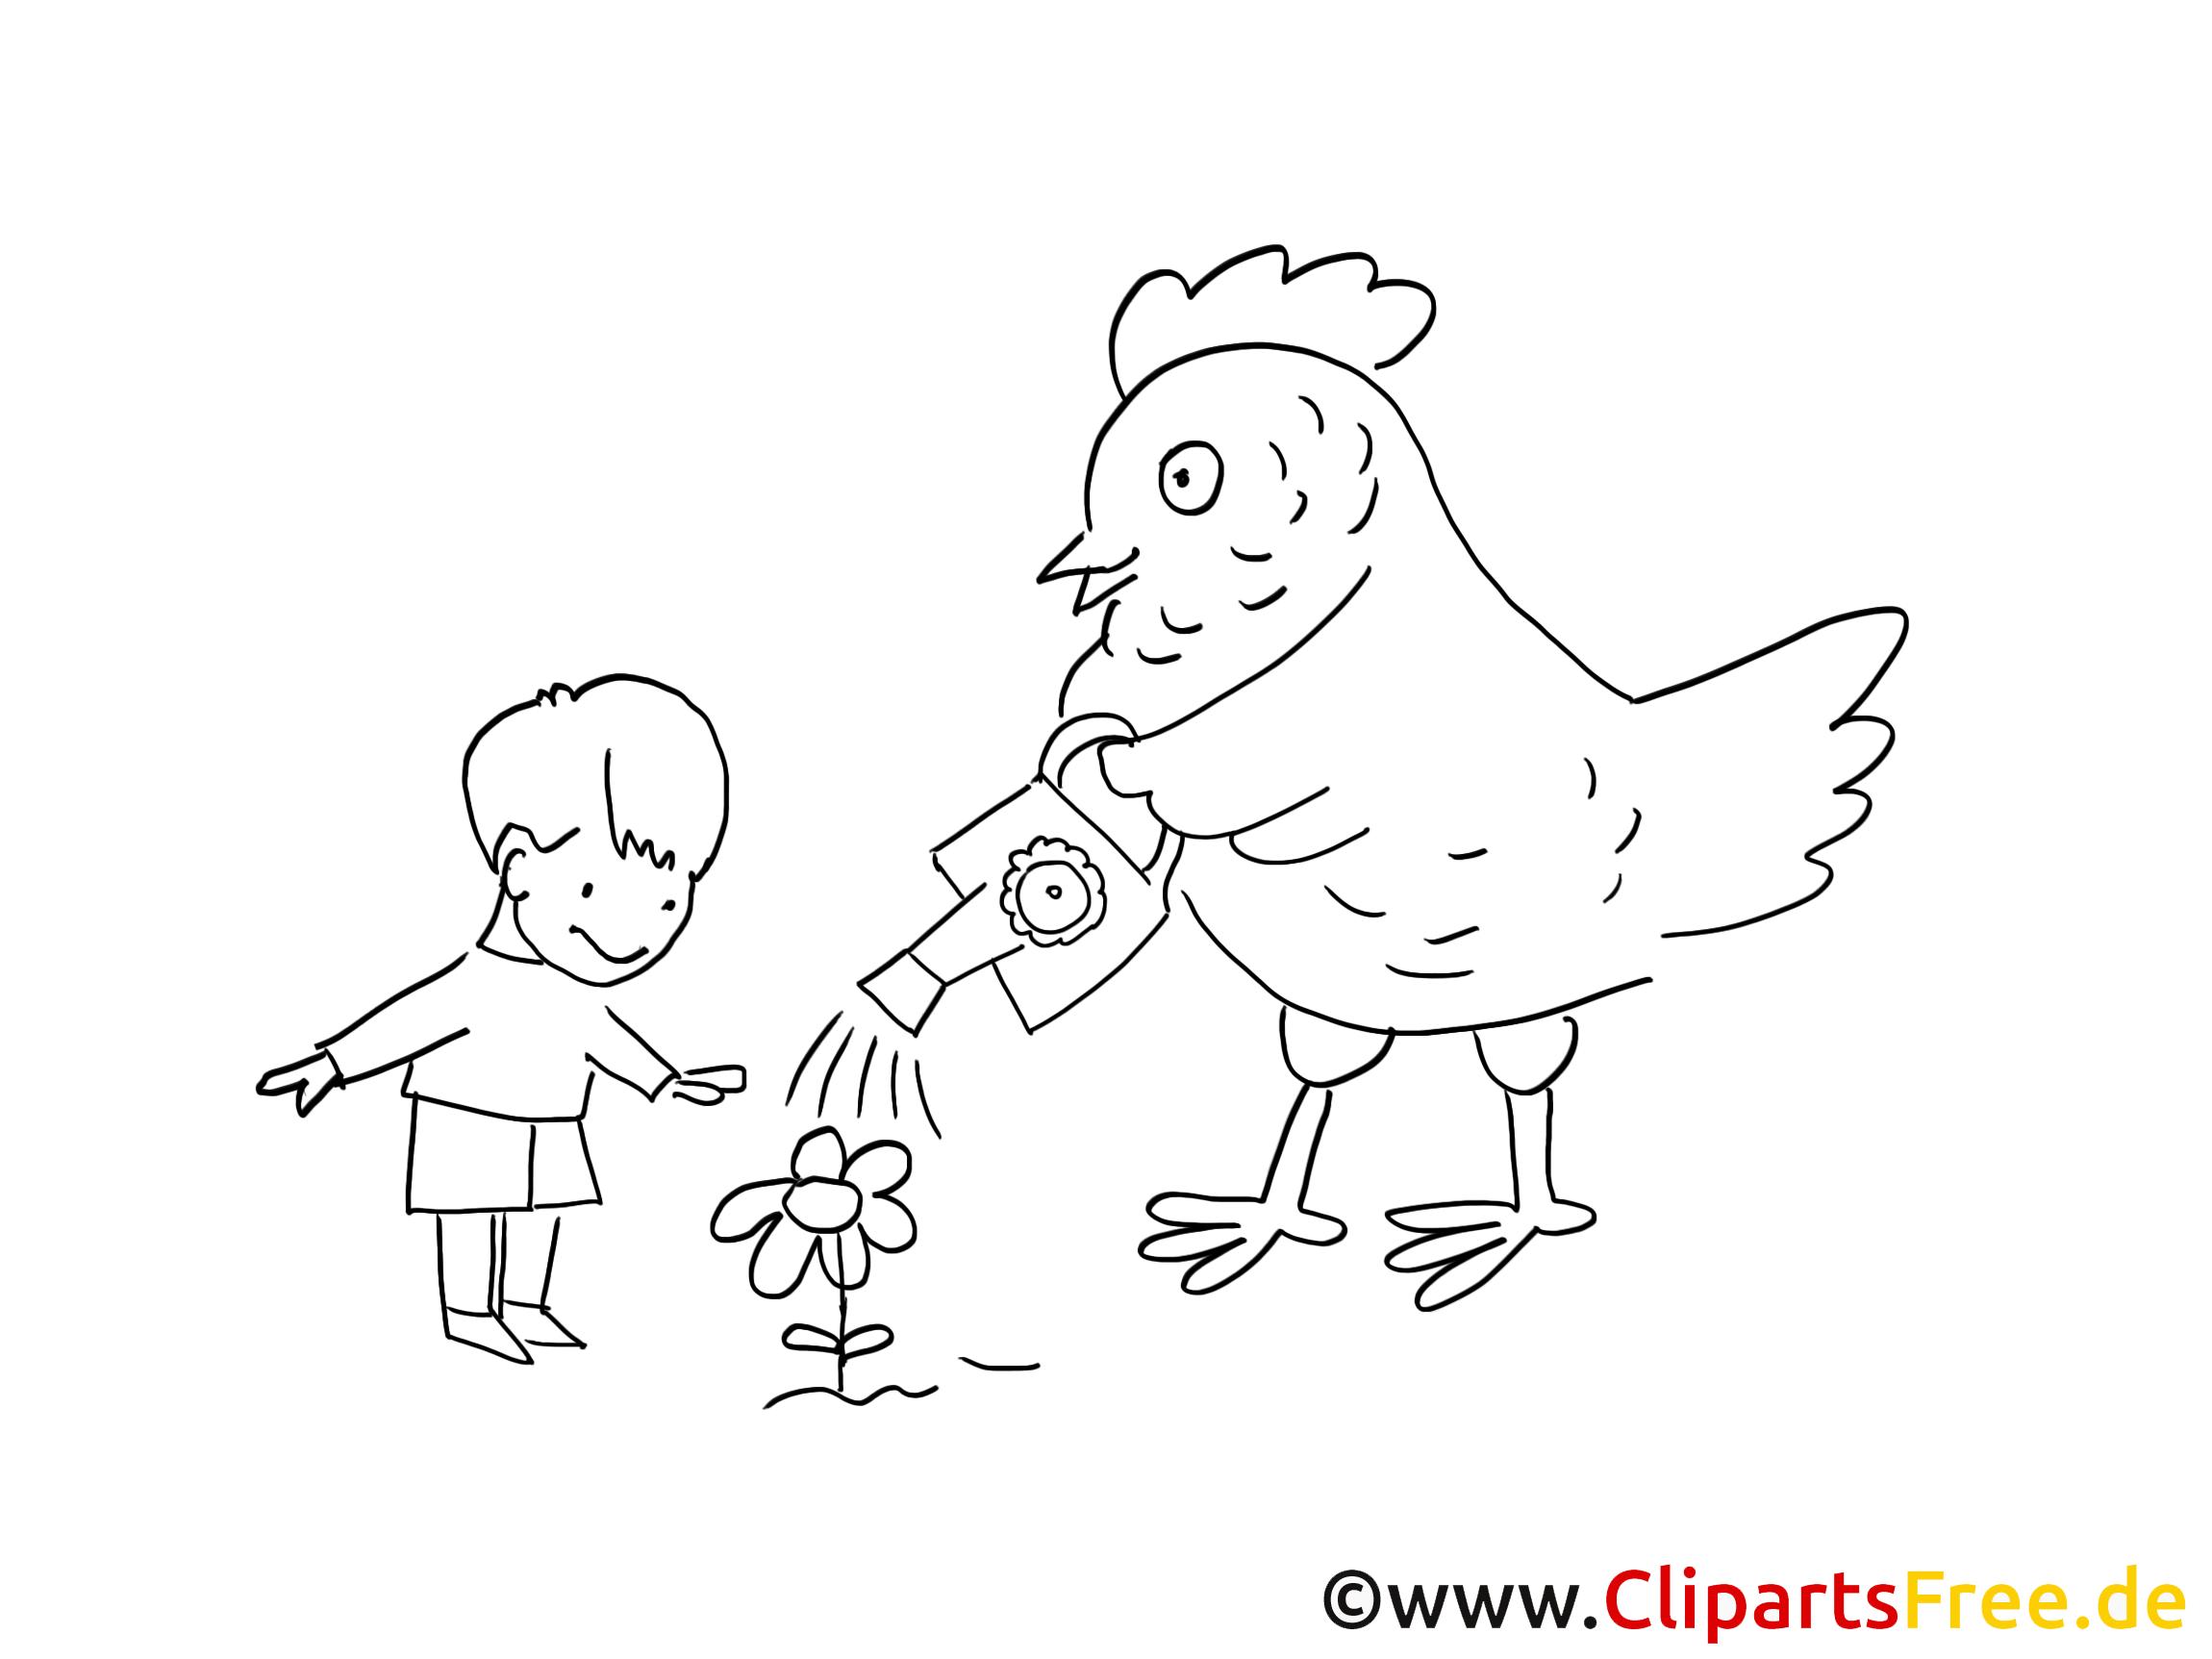 Henne und Kind Malvorlage gratis